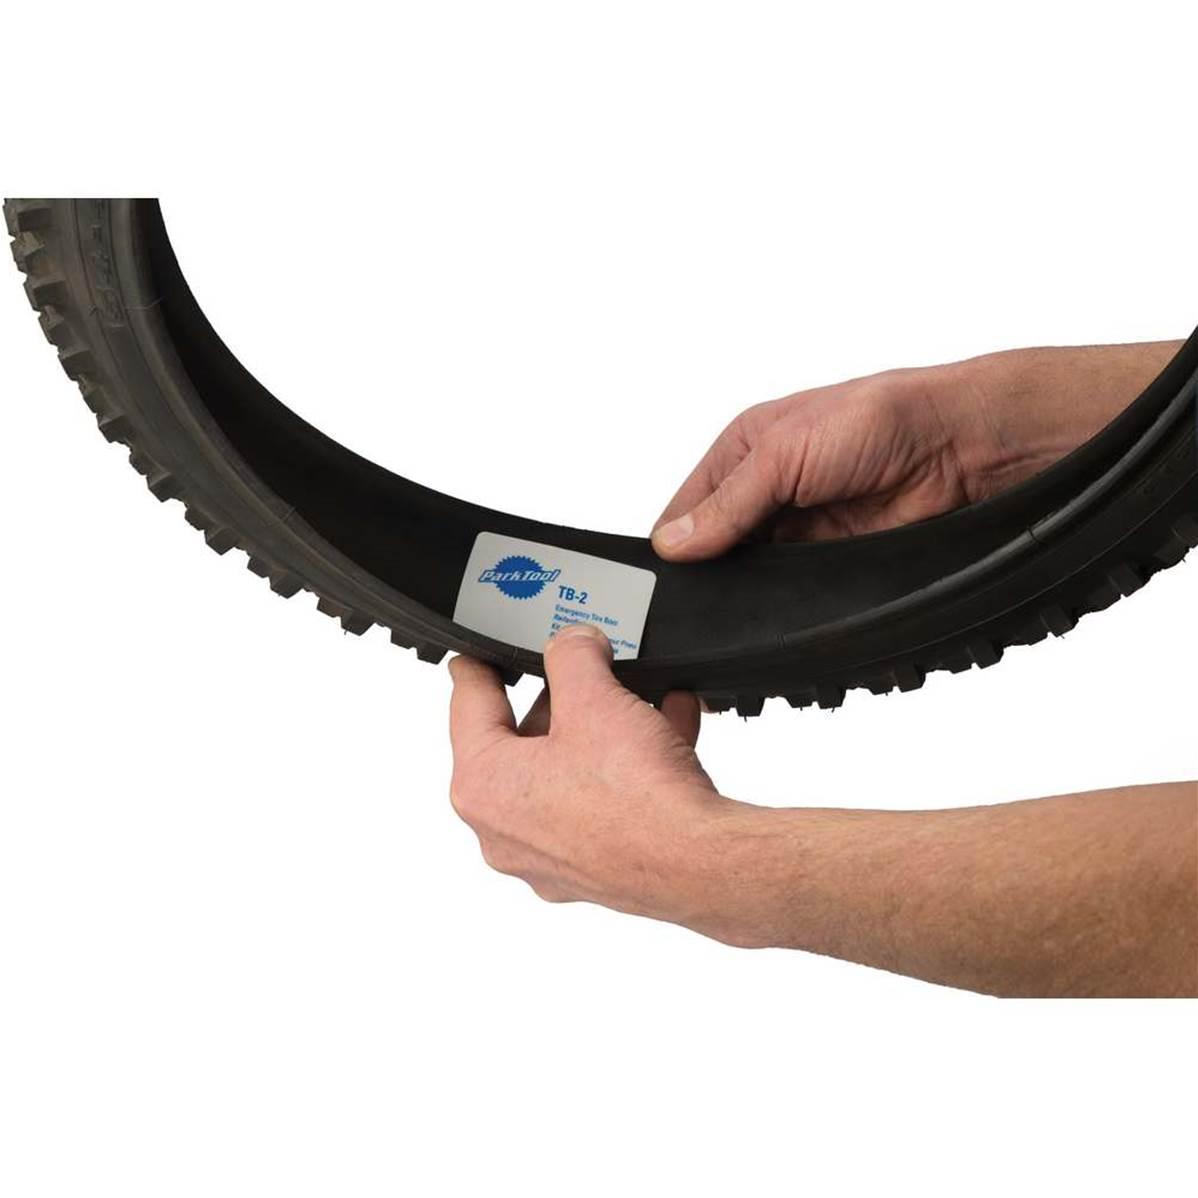 Kit de réparation de pneu PARKTOOL